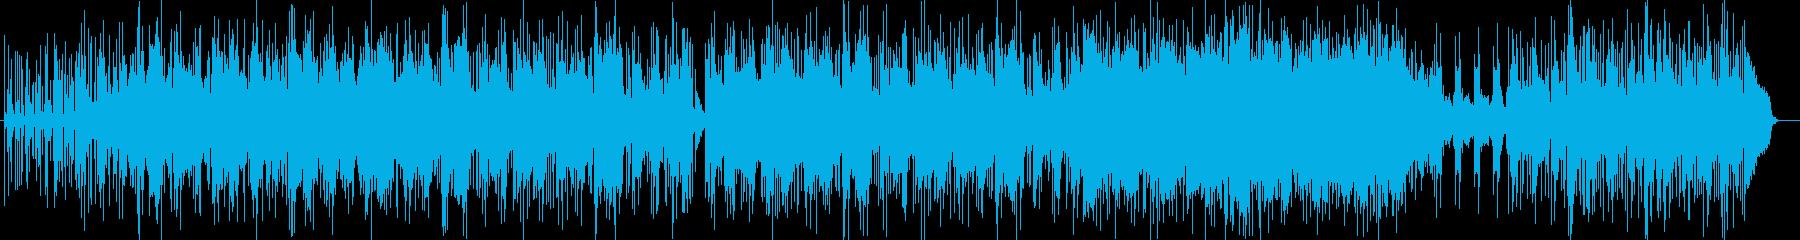 壮大で明るいシンセサイザーサウンドの再生済みの波形